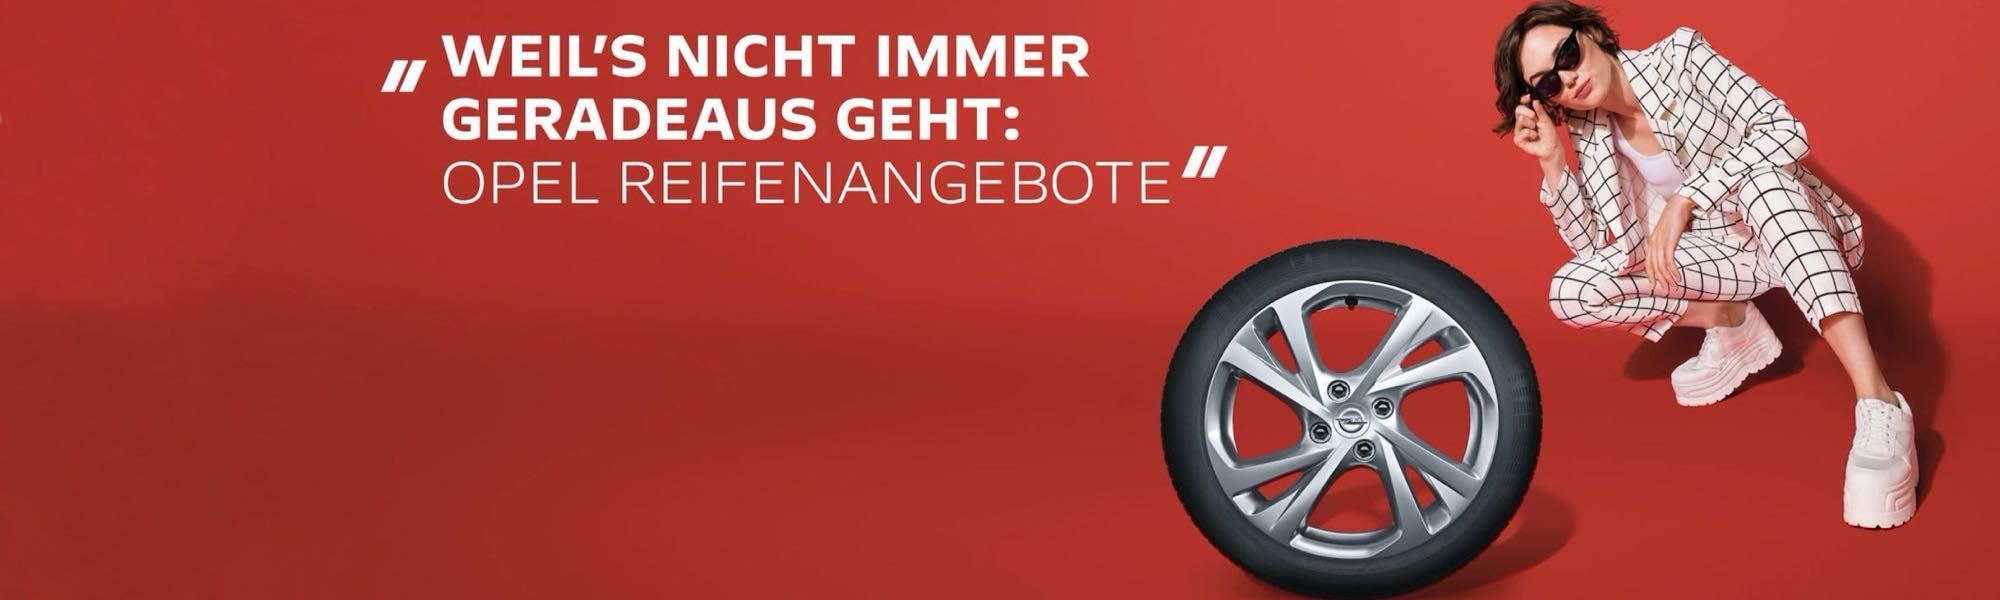 Opel Winter-Reifenangebote